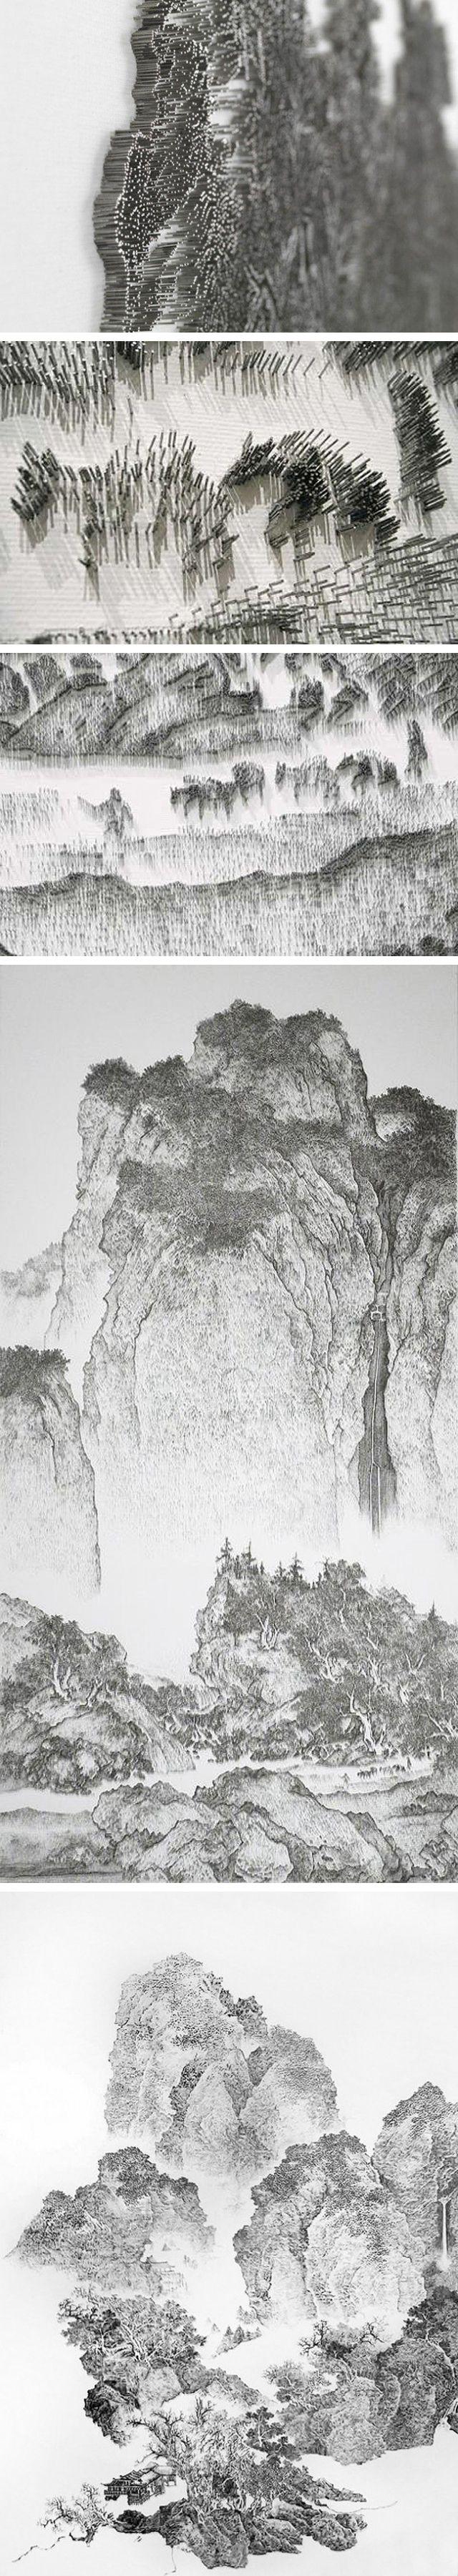 Chen Chun-Hao – Nail-Gun Art